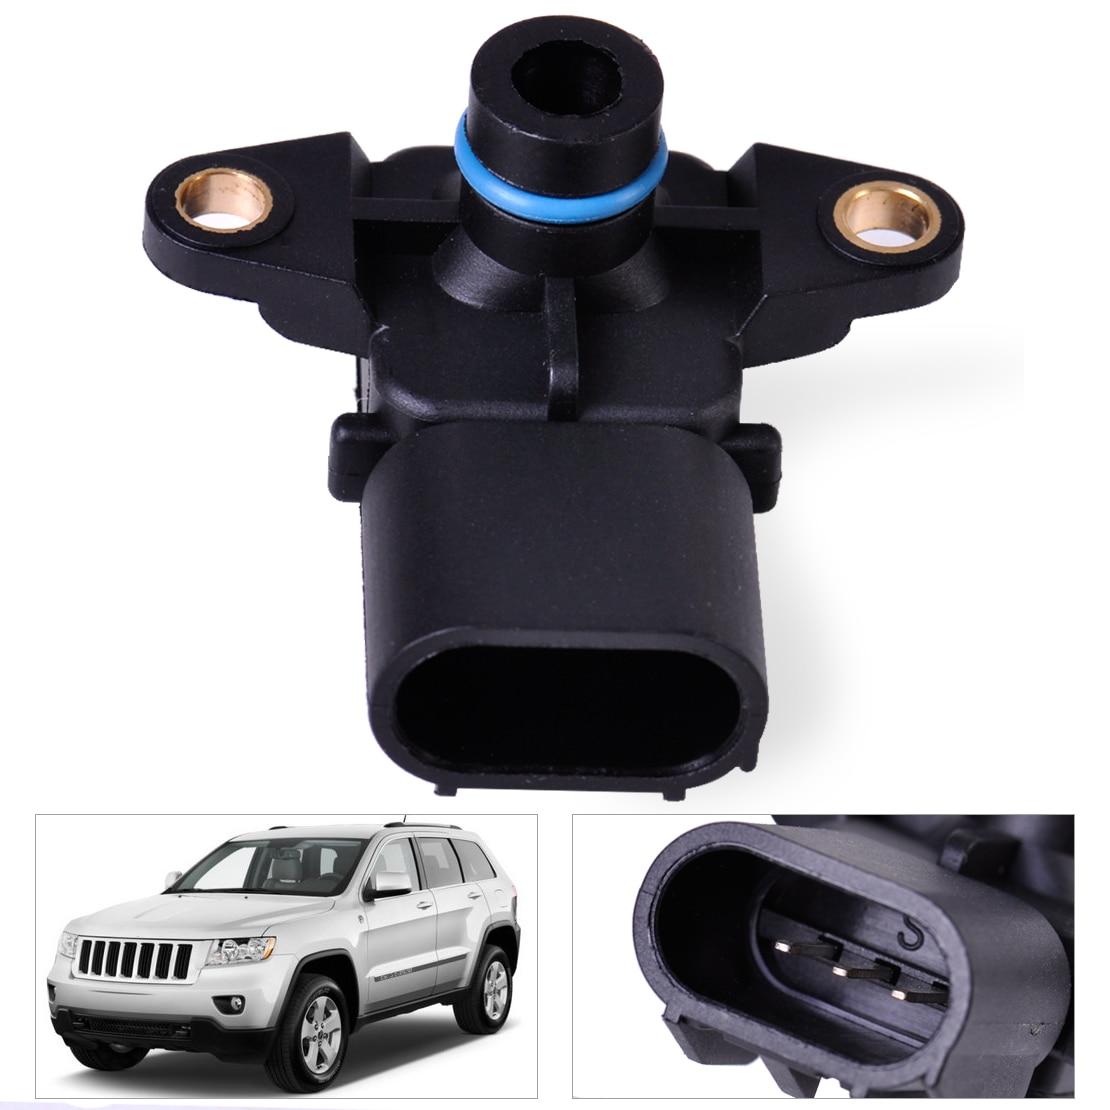 Dwcx oem 56041018ab manifold absolute pressure map sensor for chrysler voyager v6 dodge caravan jeep grand